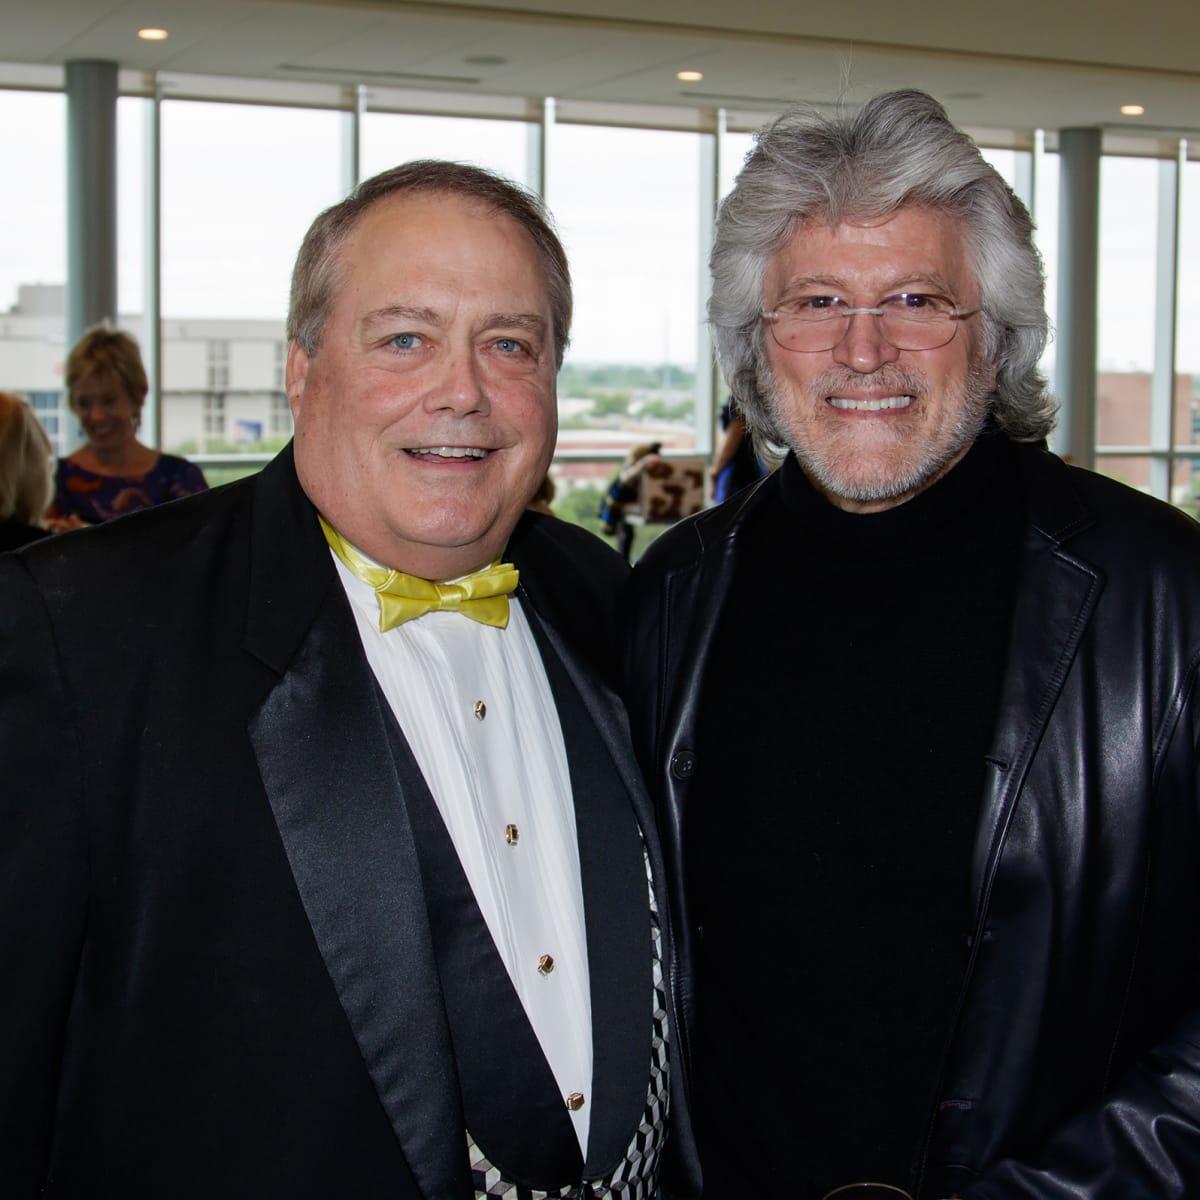 Jimmy Wynne, Robert Comstock